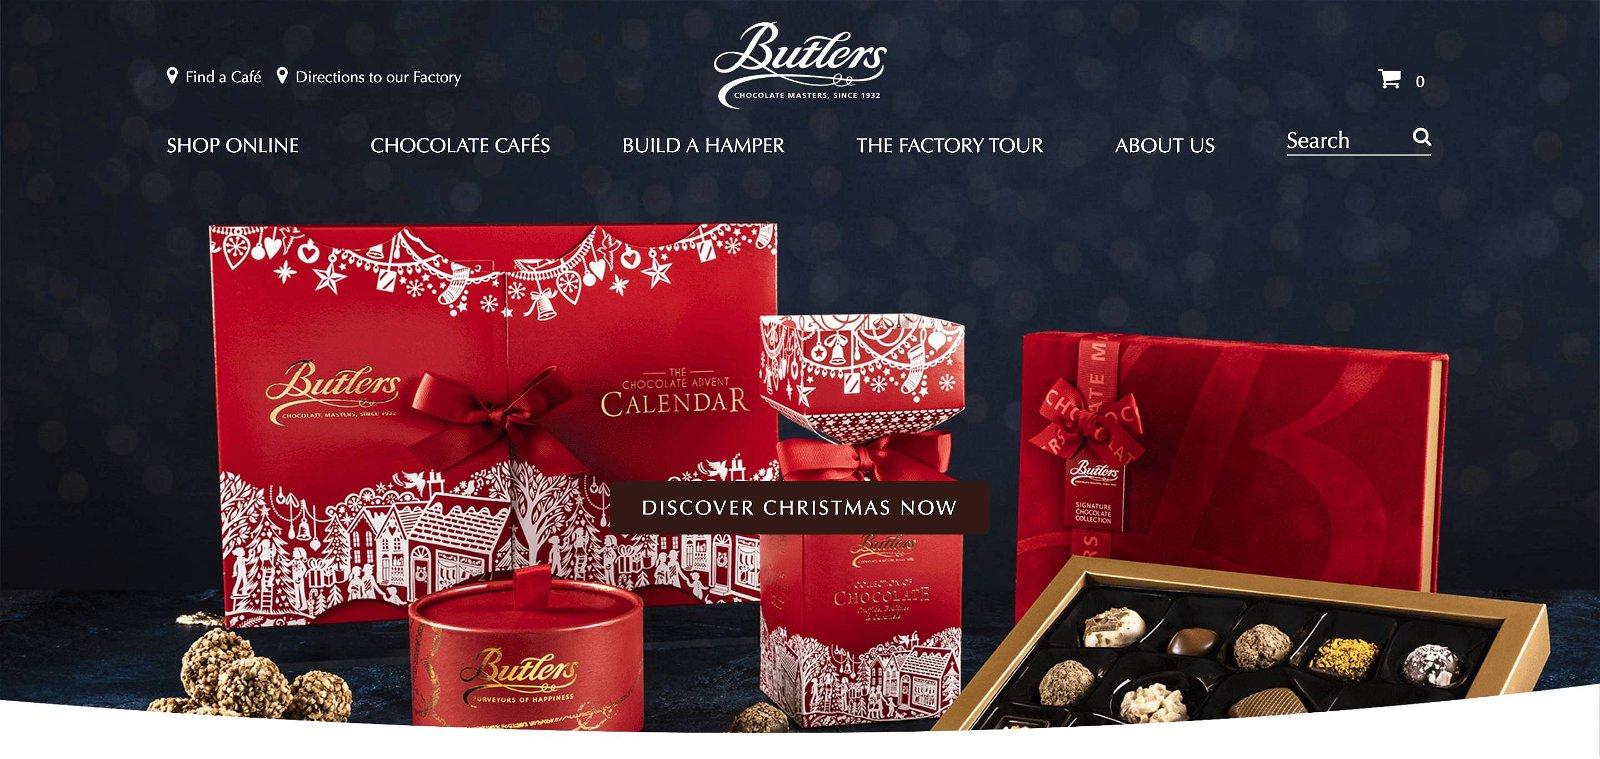 Butlerschocolates.com 1